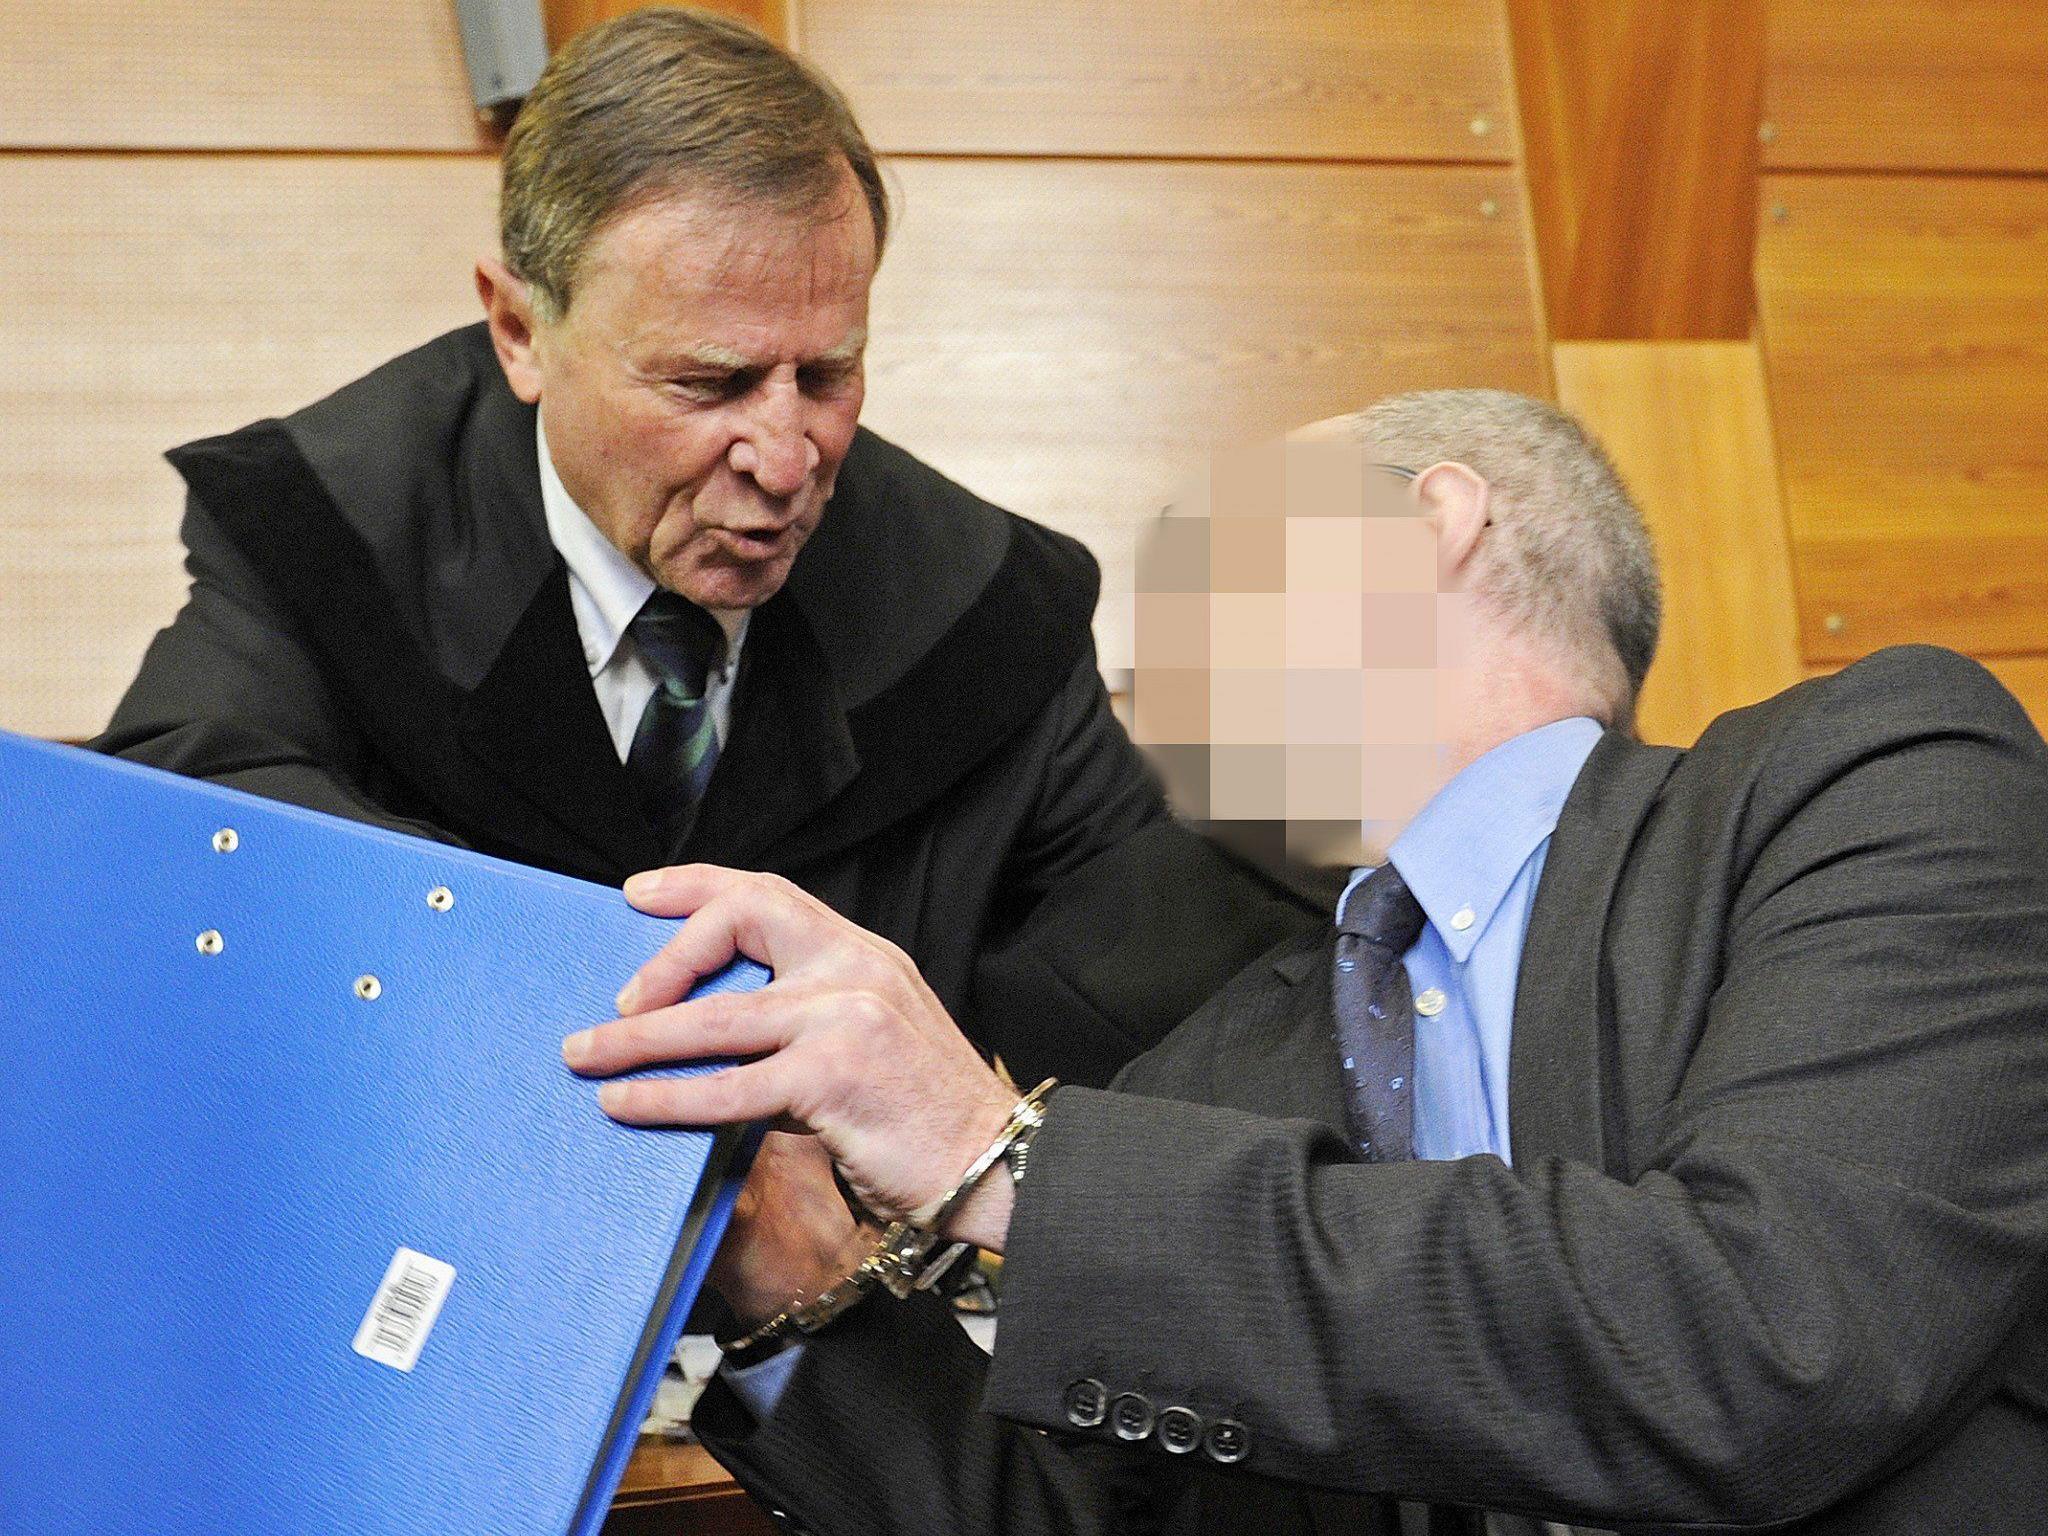 Auftakt im Tiroler Goldmord-Prozess - 52-jähriger Ex-Polizist auf Anklagebank.